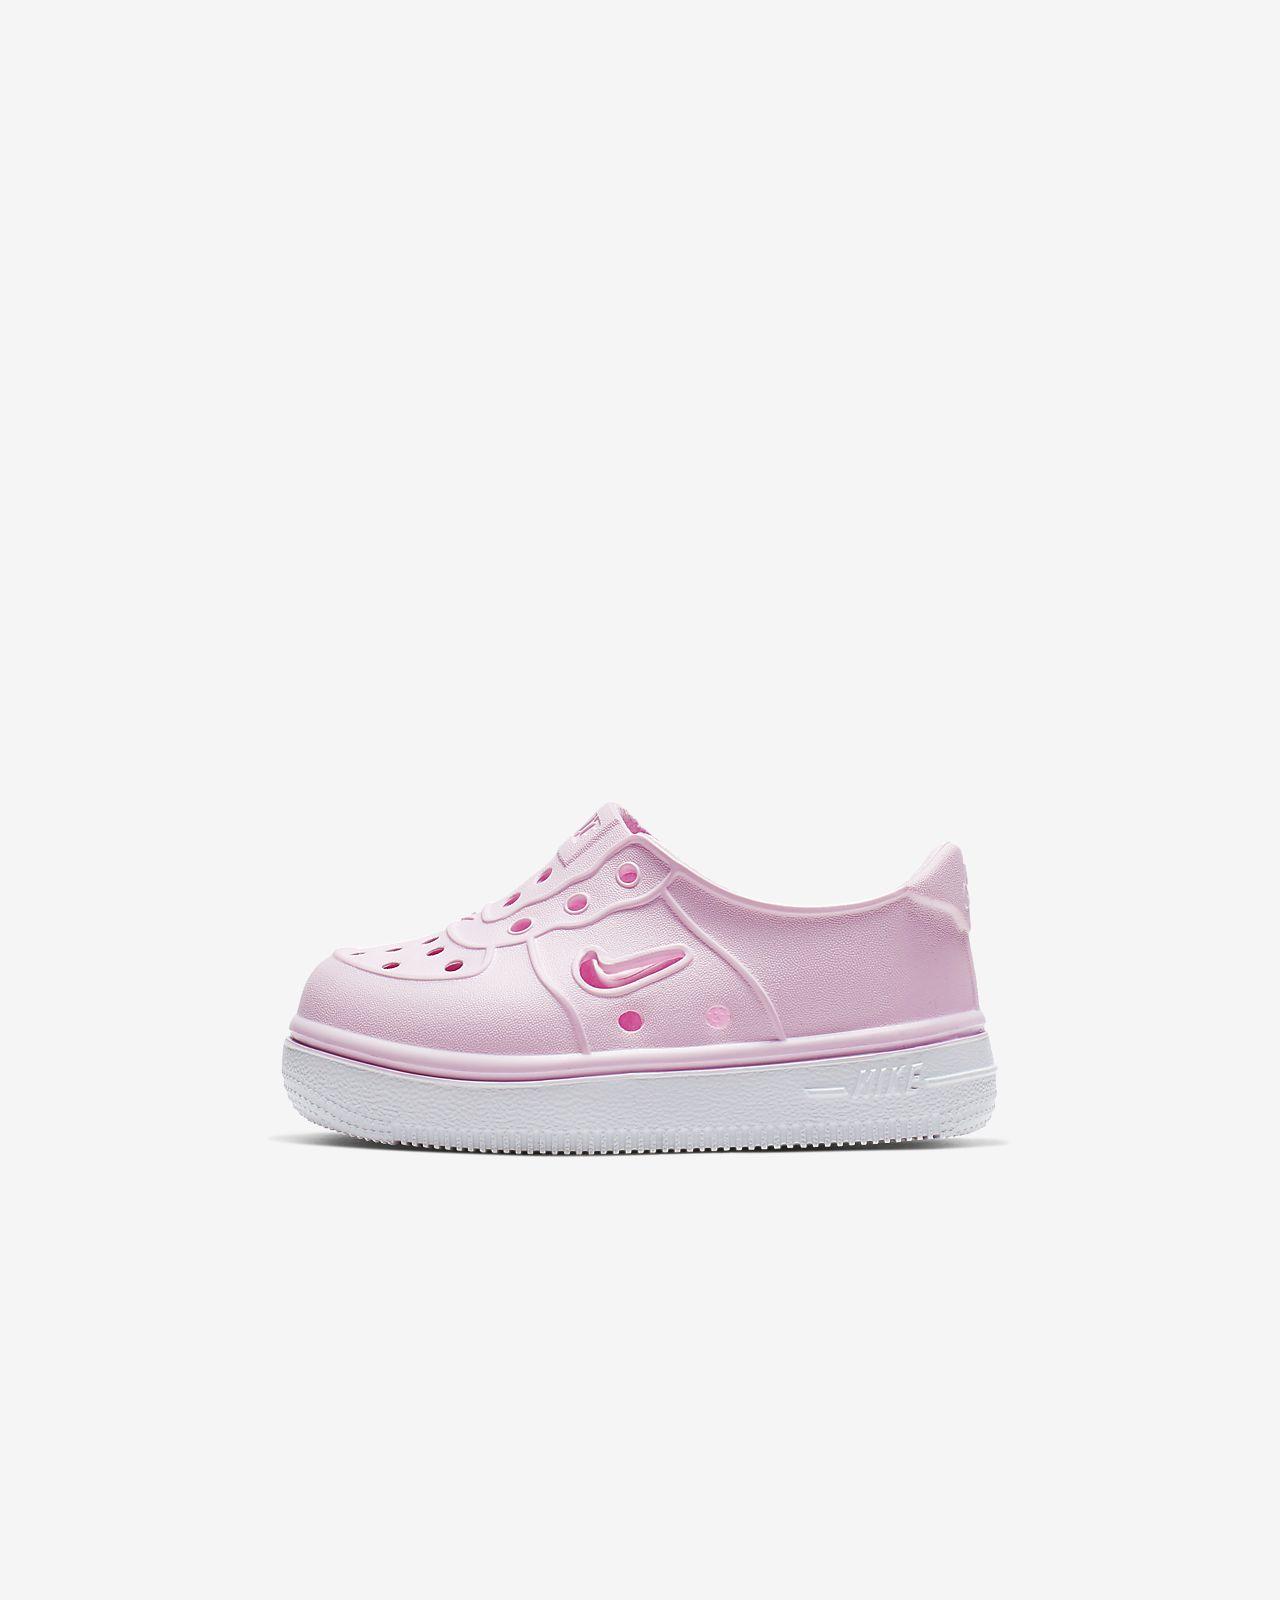 Et Petit Pour Chaussure Nike Foam Force 1 Bébé Enfant lFTK1Jc3